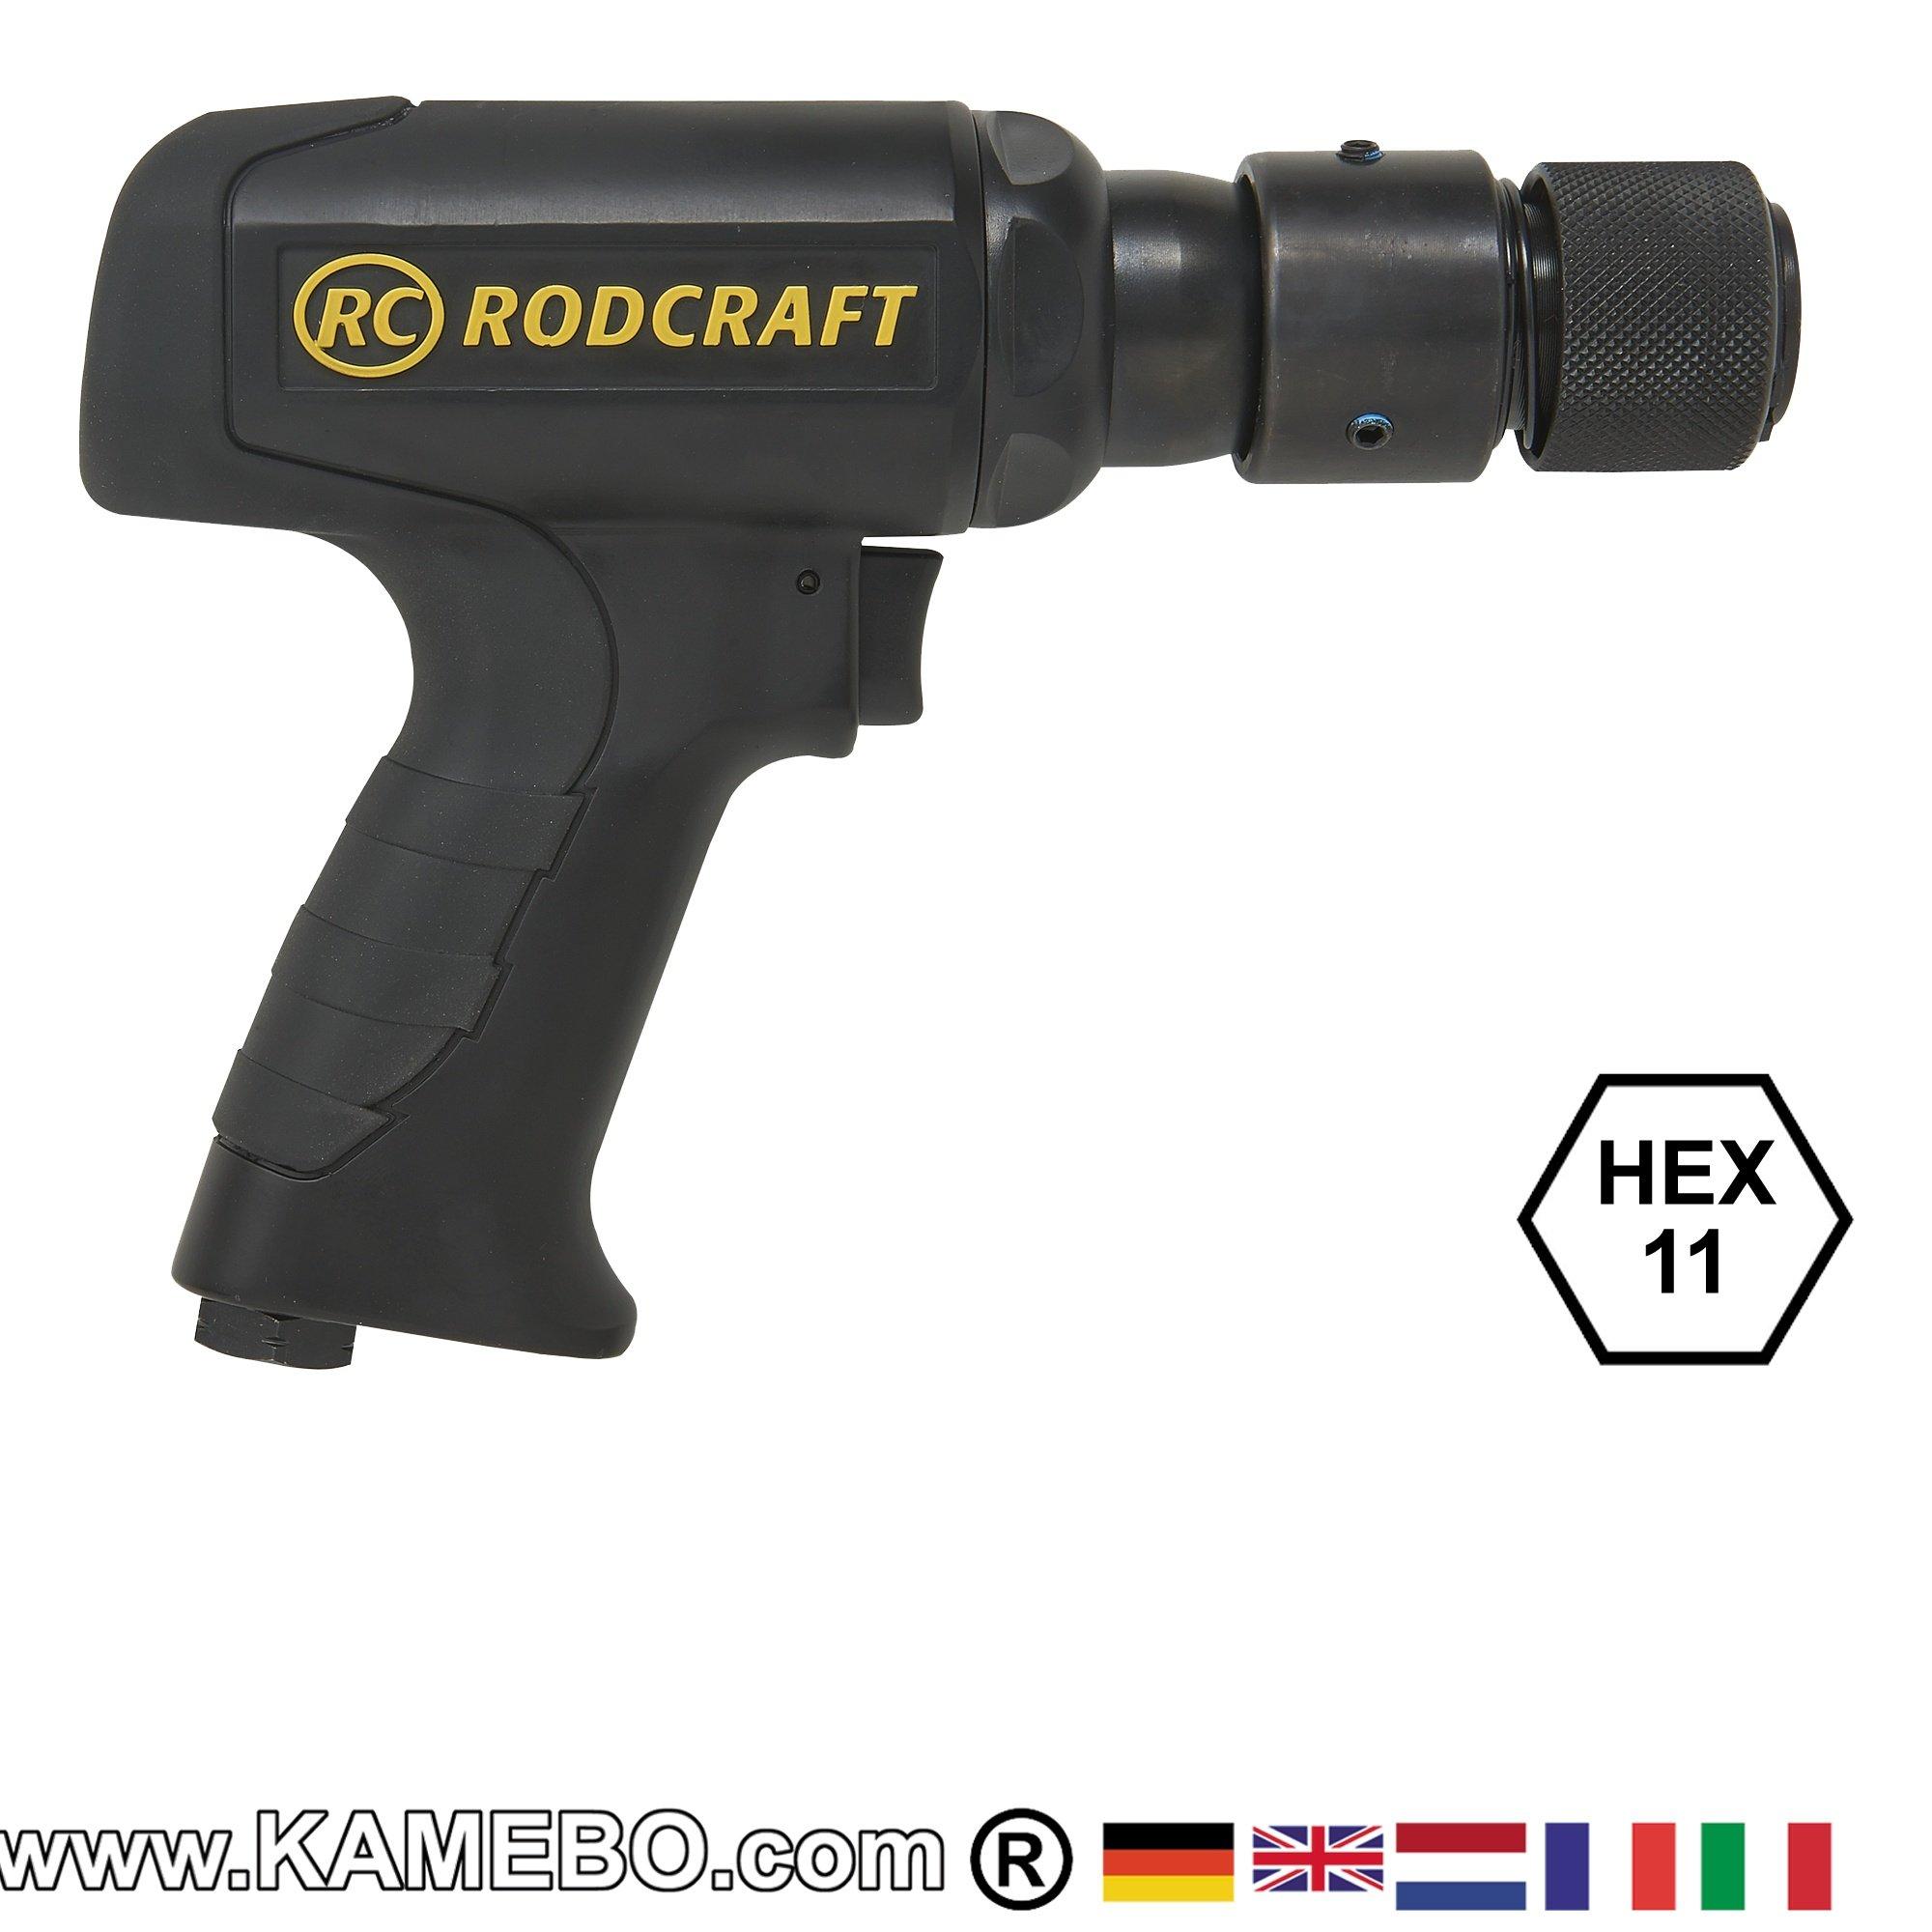 Rodcraft marteau burineur pneumatique rc5185 kamebo - Marteau burineur pneumatique ...